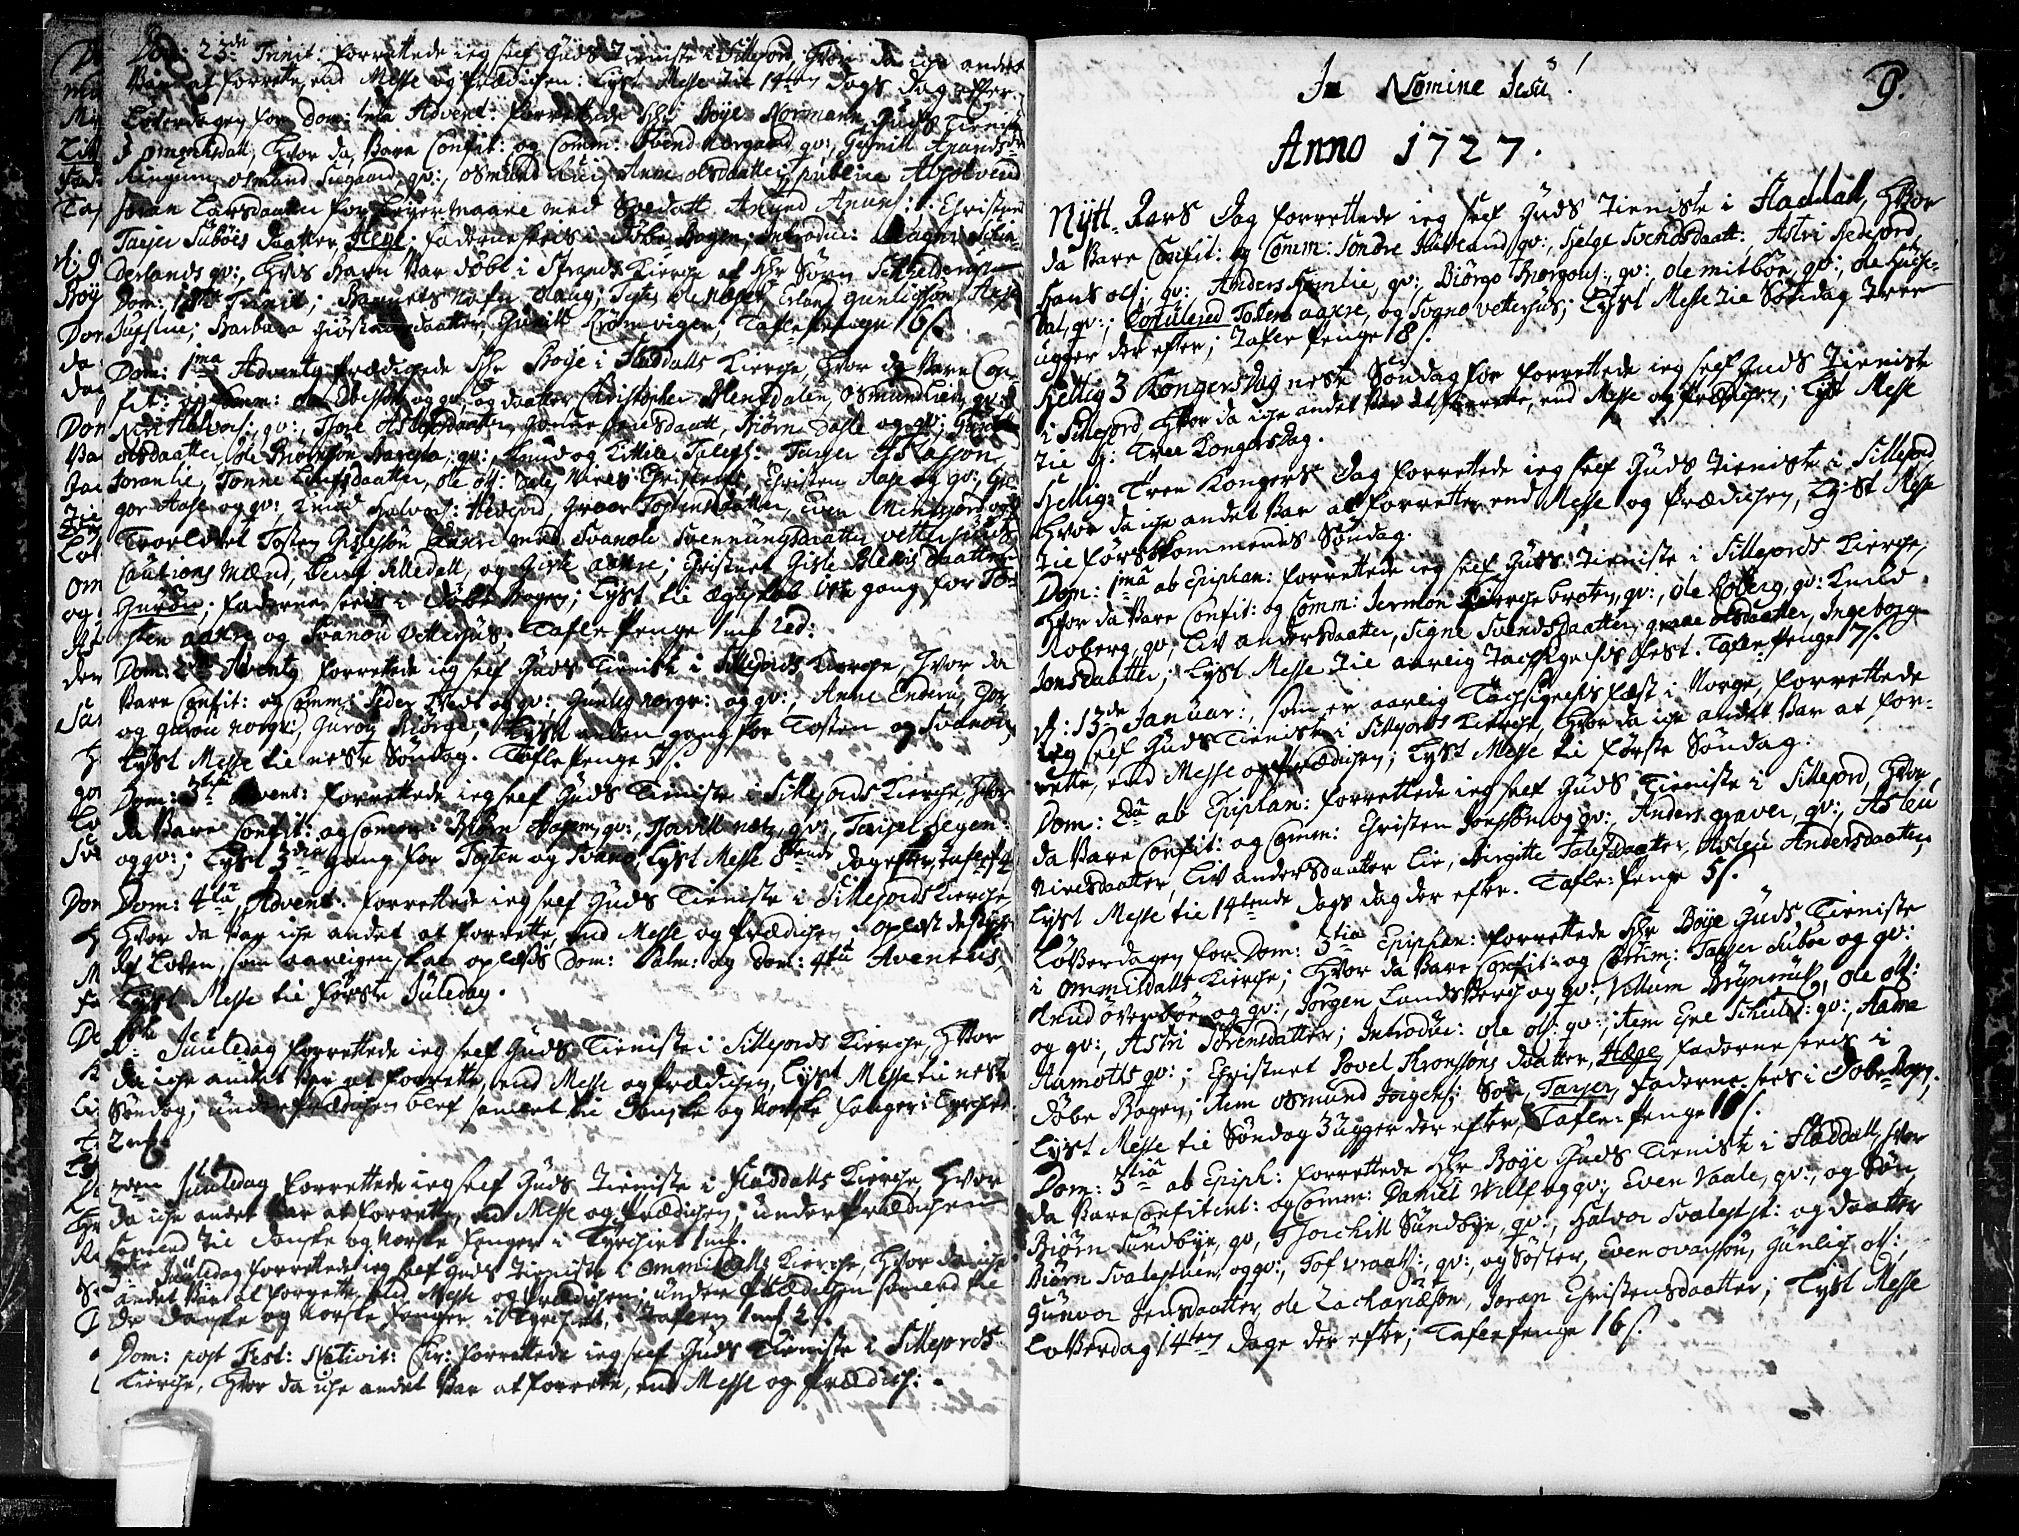 SAKO, Seljord kirkebøker, F/Fa/L0004: Ministerialbok nr. I 4, 1725-1736, s. 9